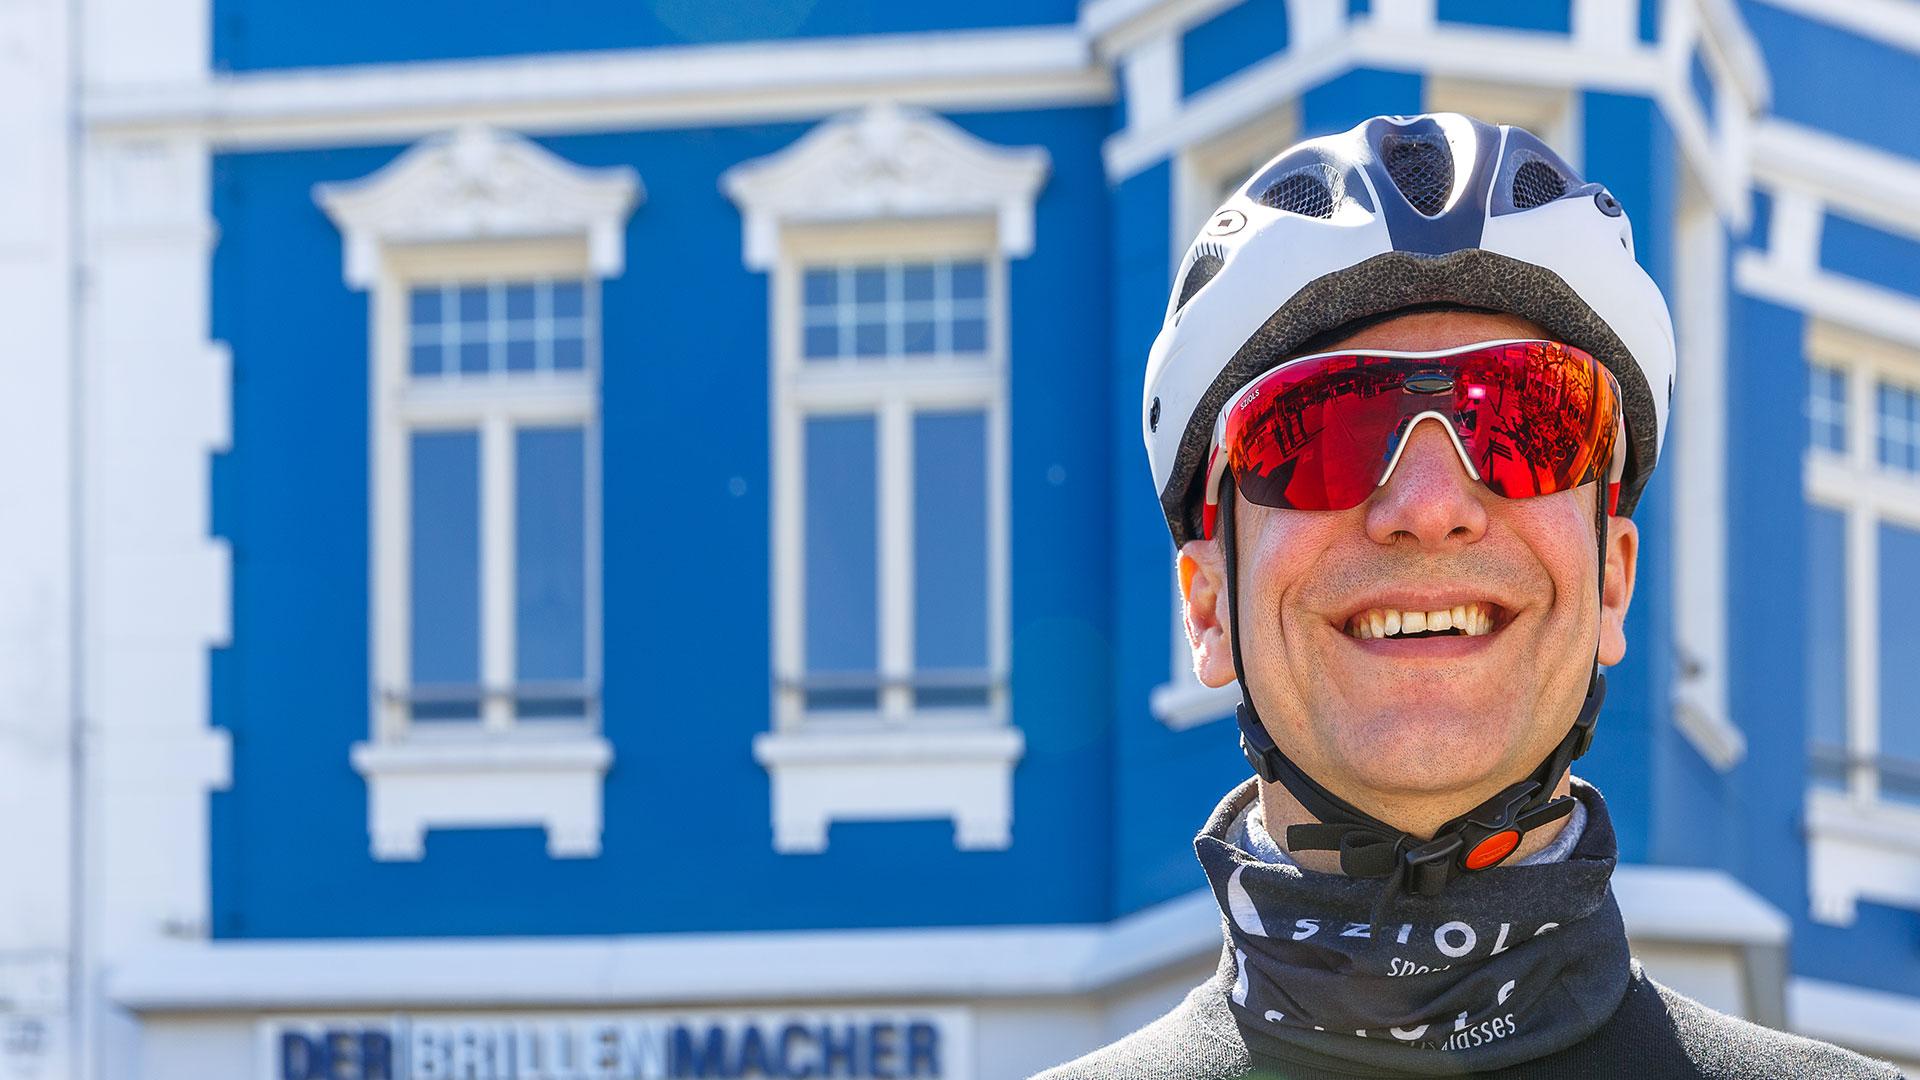 René Cornette bietet auch coole Sportbrillen